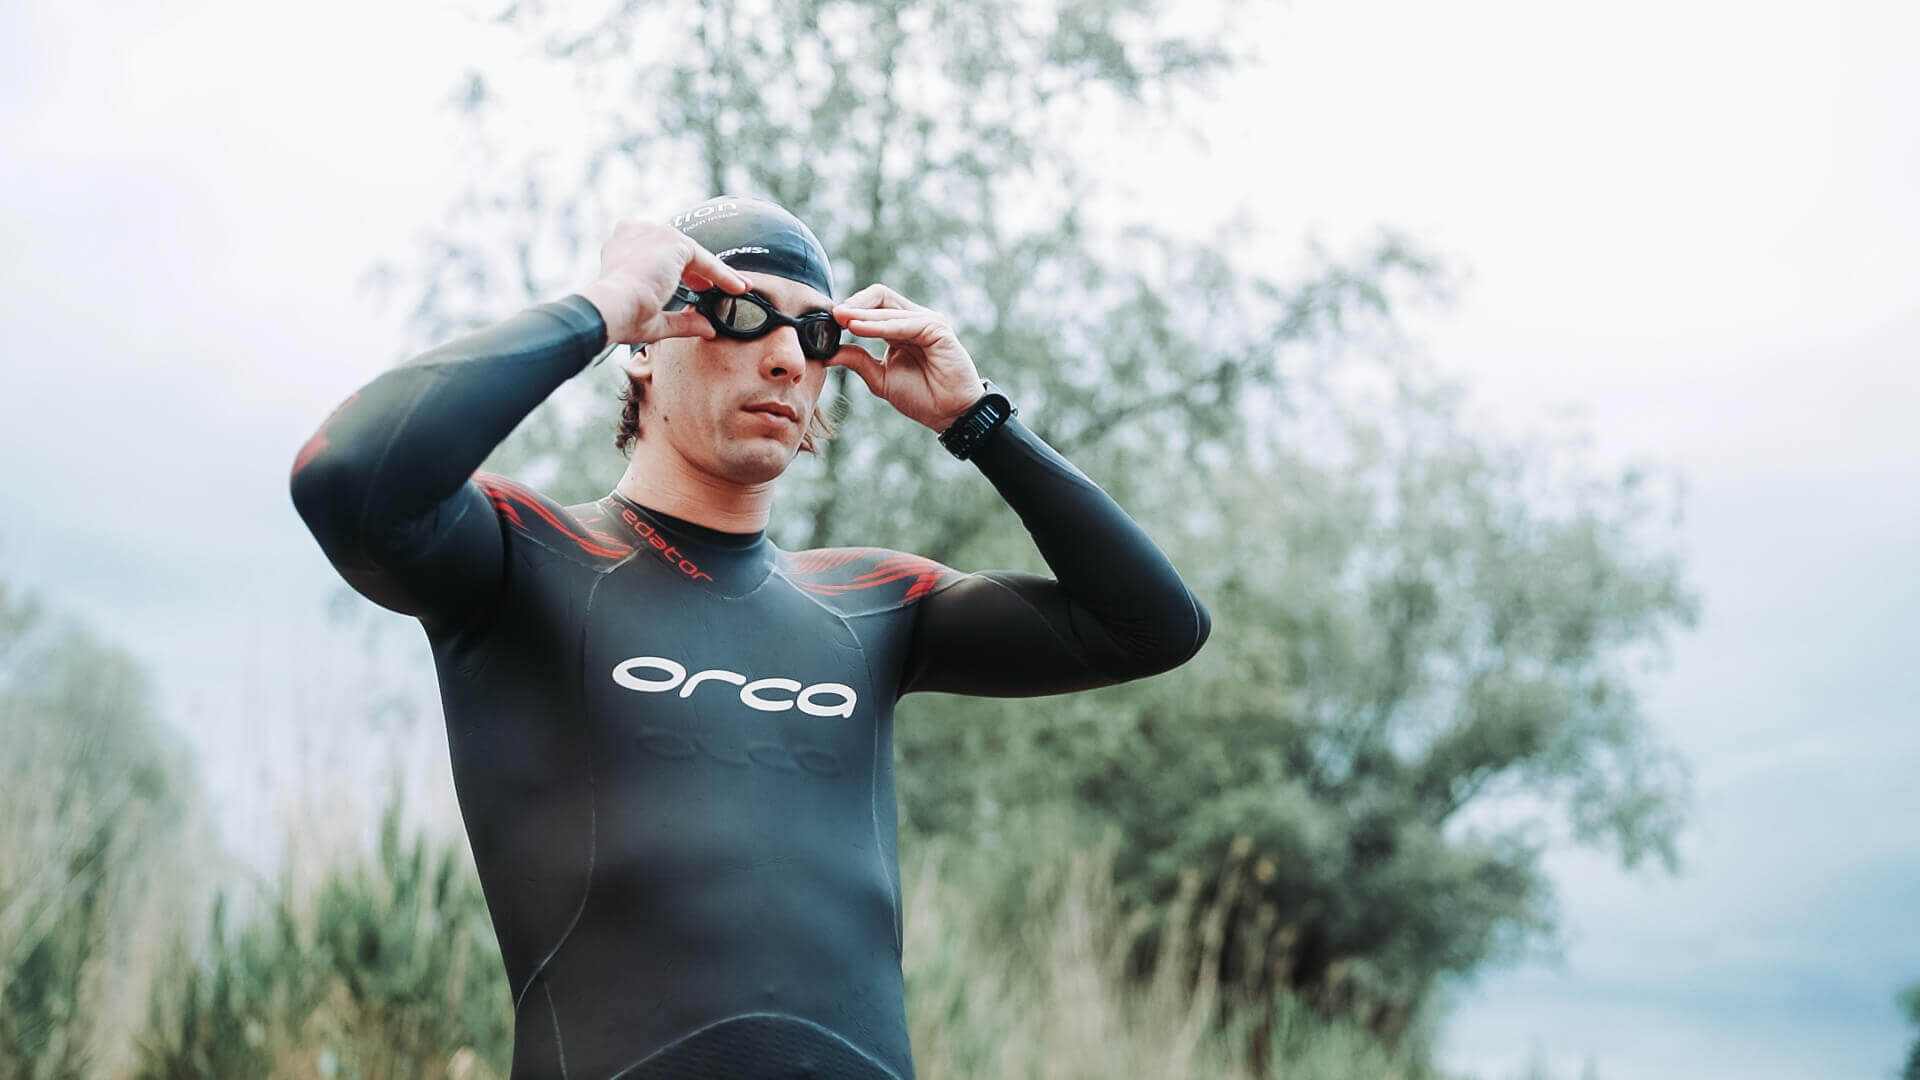 Handbuch für Triathleten: Schwimmen –  die wichtigsten Tipps